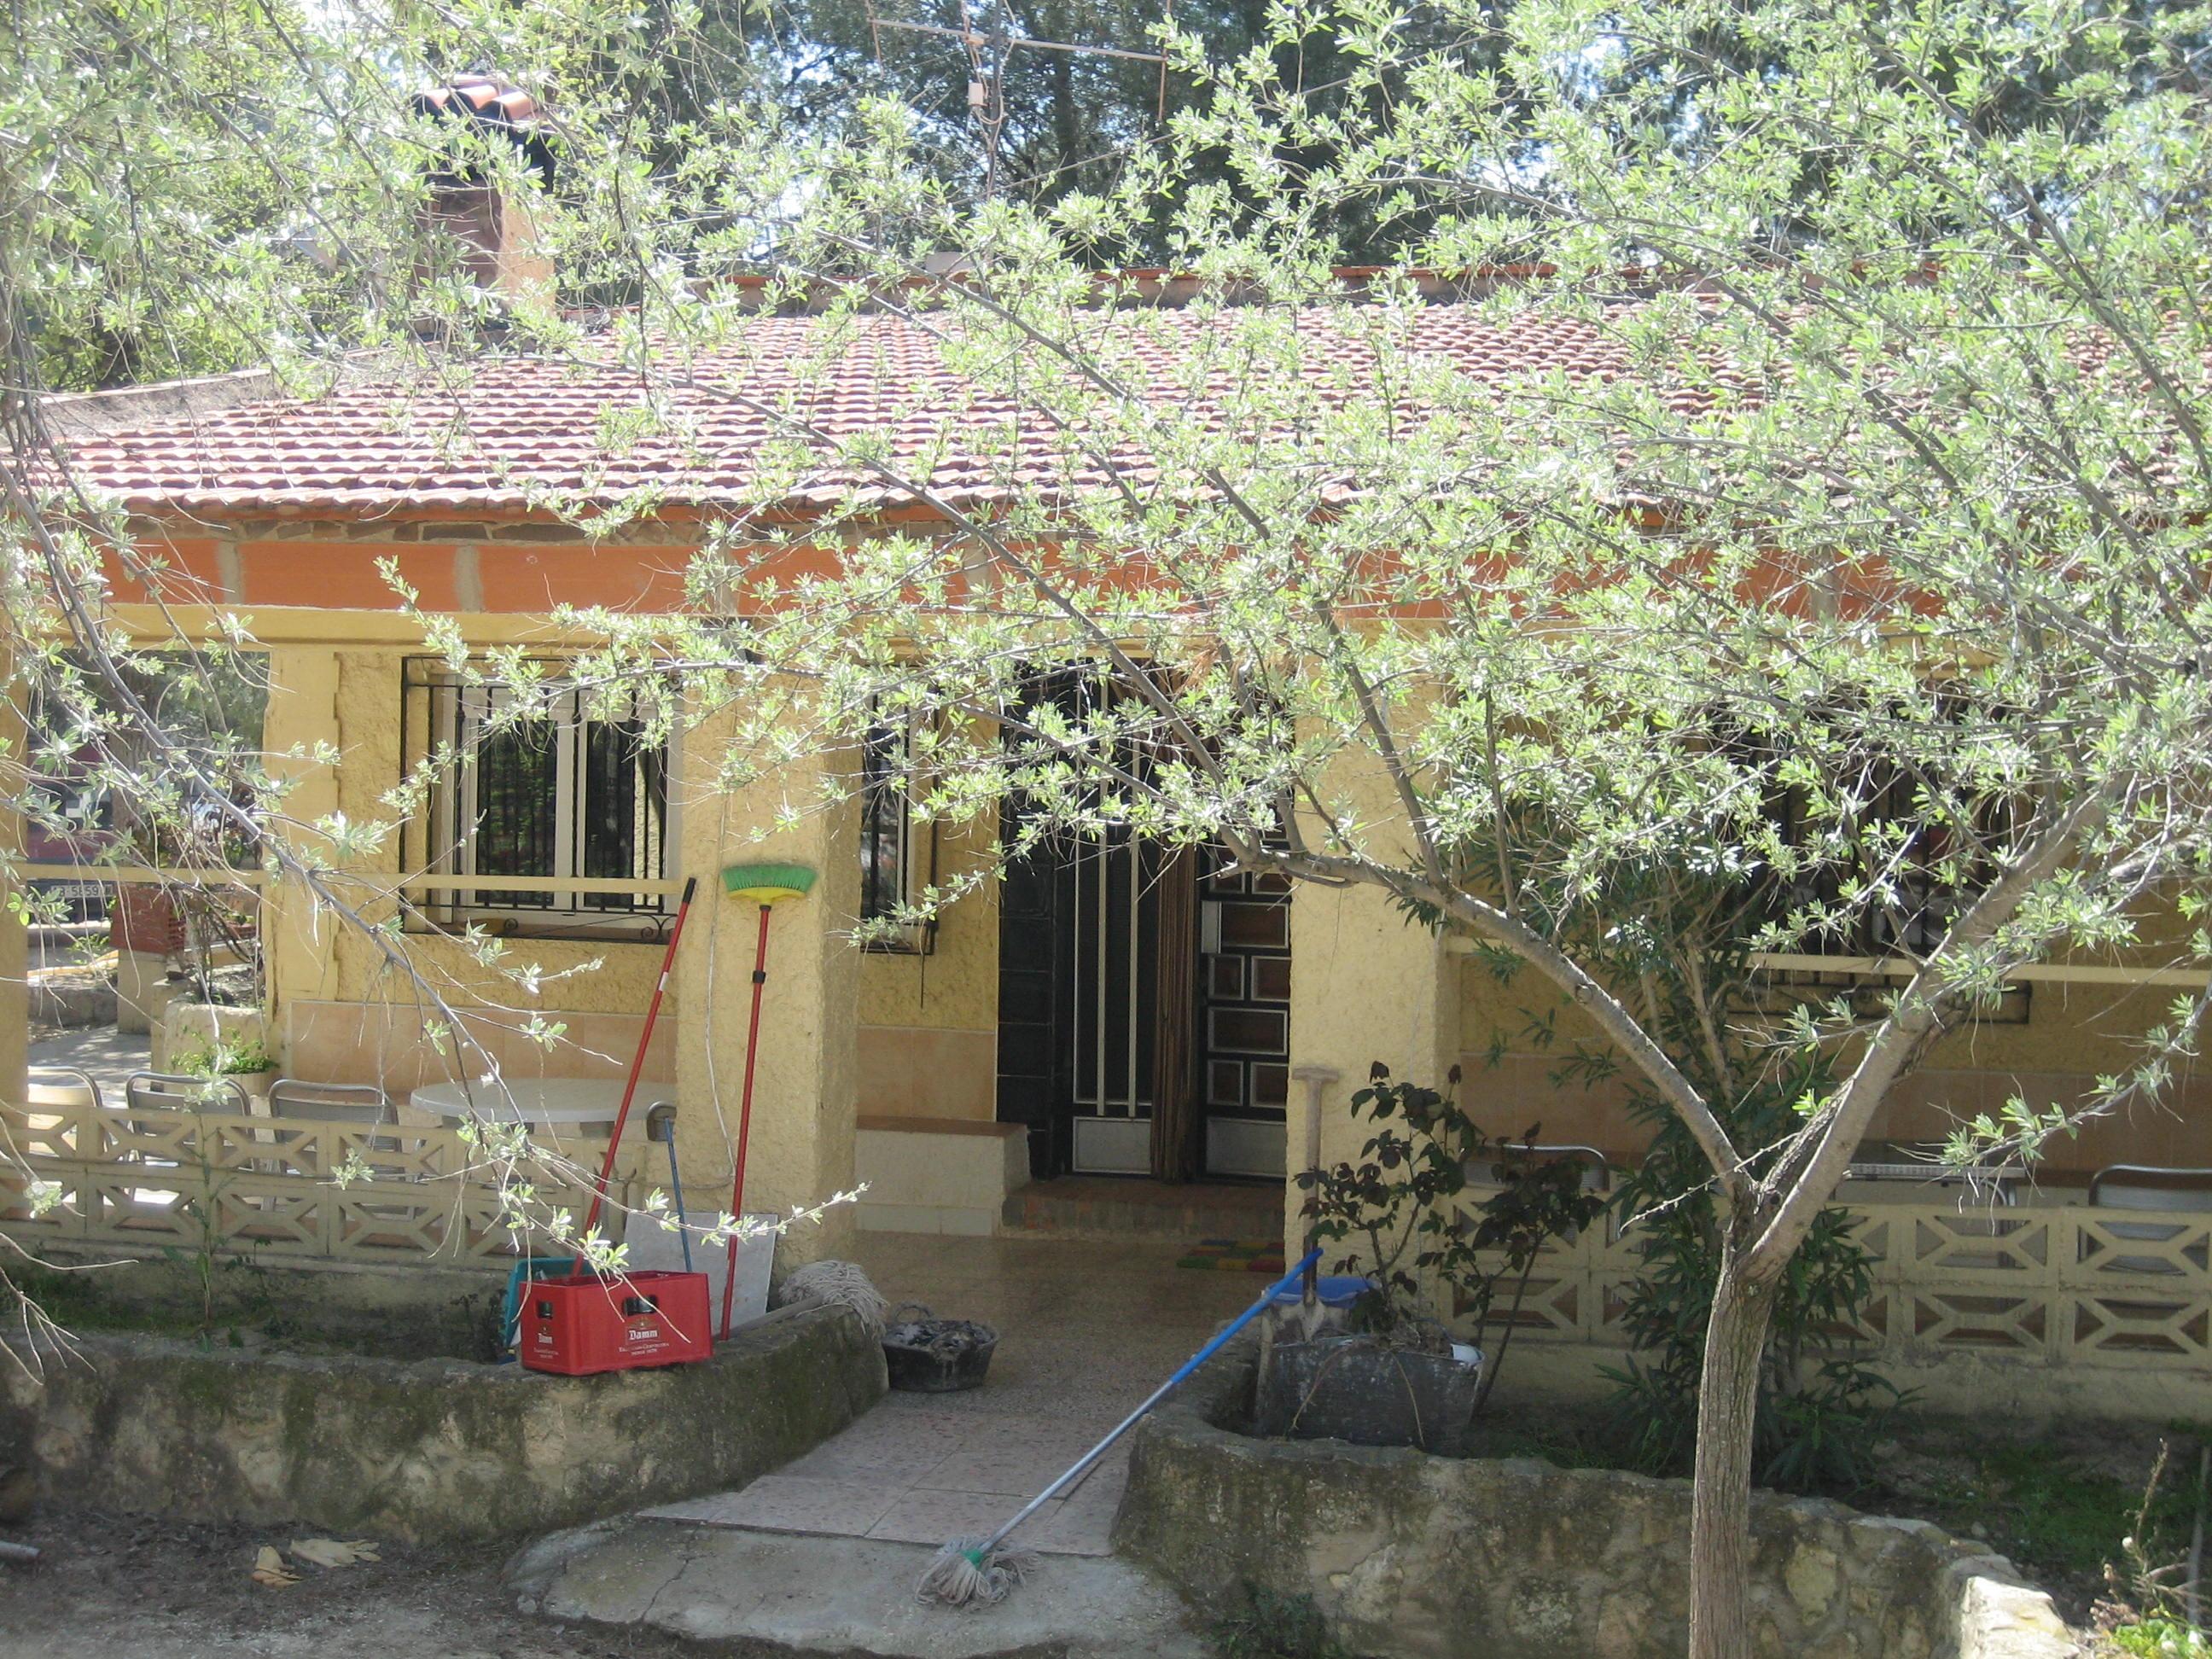 Venda casa de campo almansa albacete espanha c santa - Casas en almansa ...